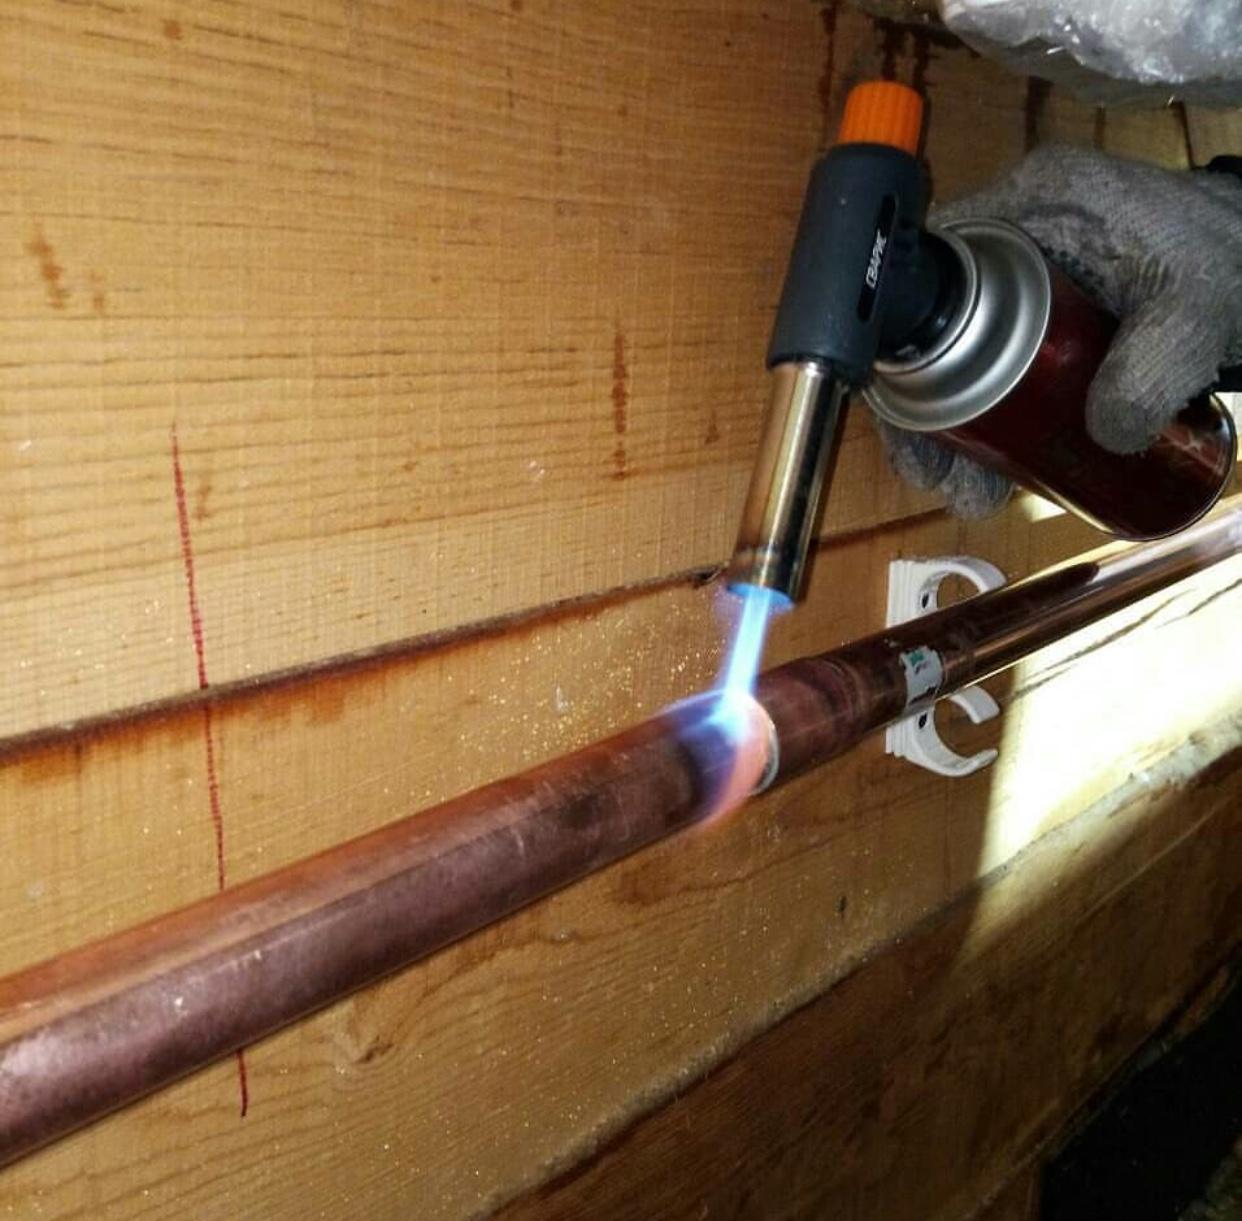 Пайка медных труб: сварка и ремонт своими руками, как паять пропановой горелкой, припой, флюс и паста